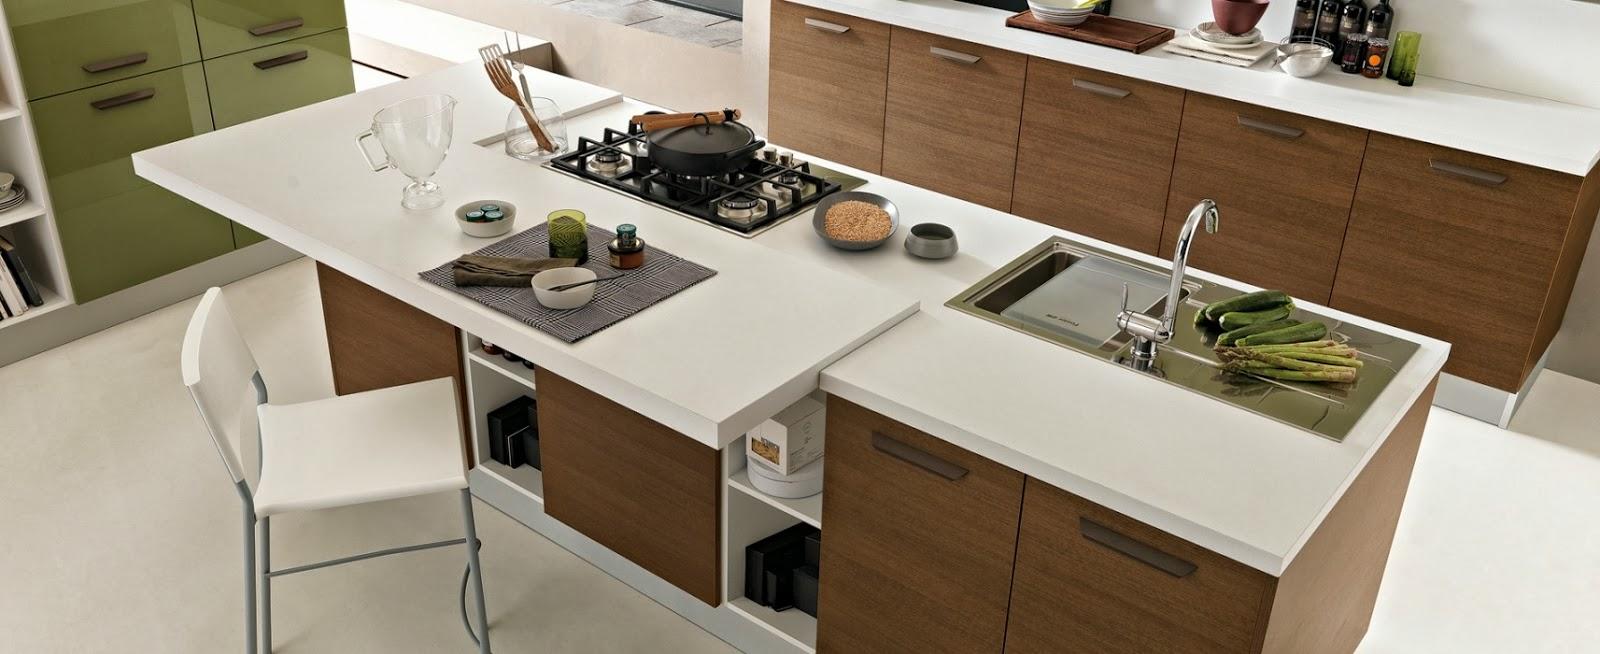 10 consejos que no se deben olvidar al reformar la cocina - Donde colocar tv en cocina ...